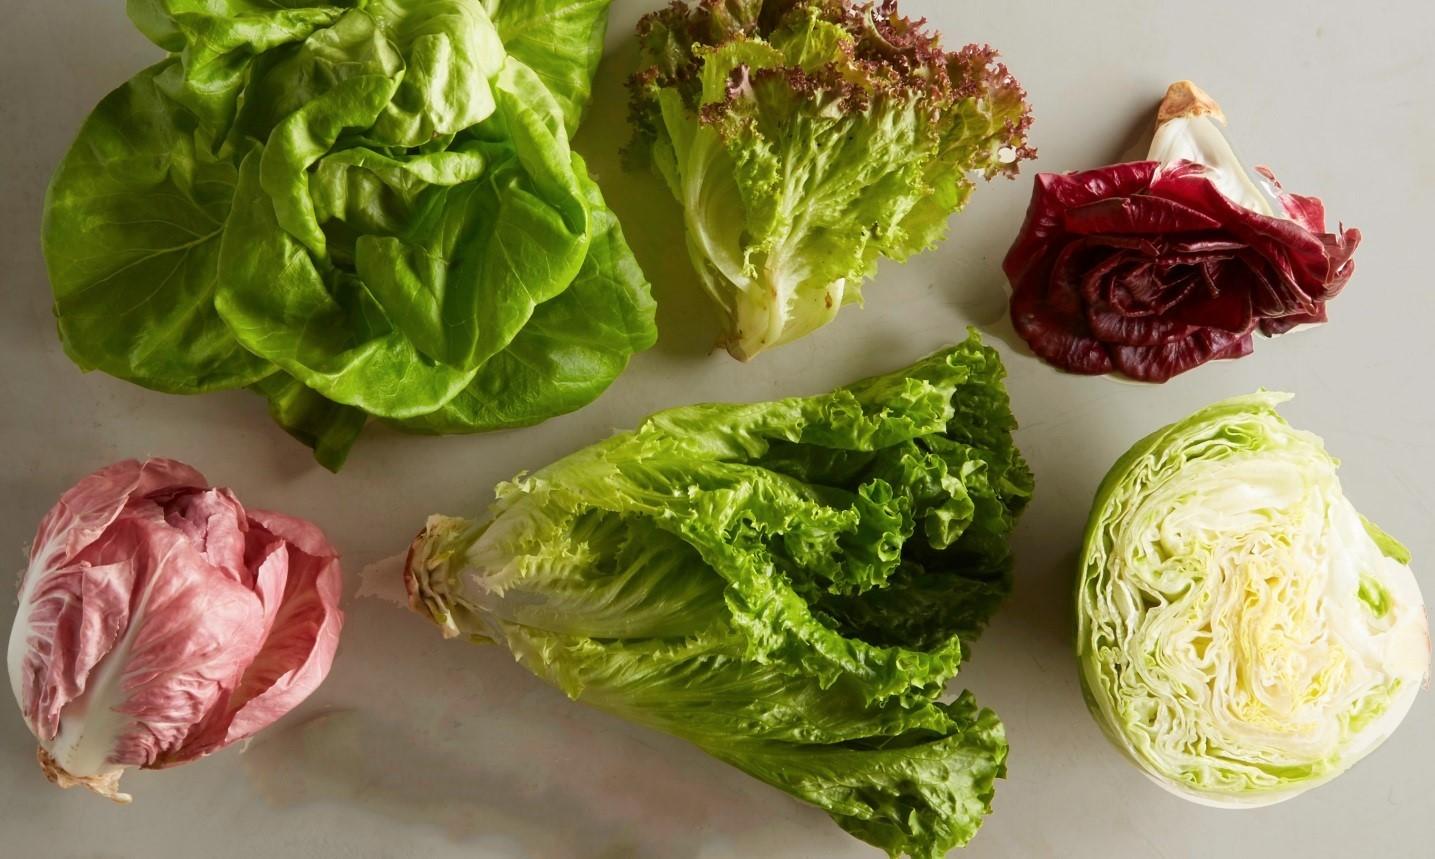 Foto: ANSA avertizează despre limitele maxime admisibile de nitrați în produsele alimentare de origine vegetală